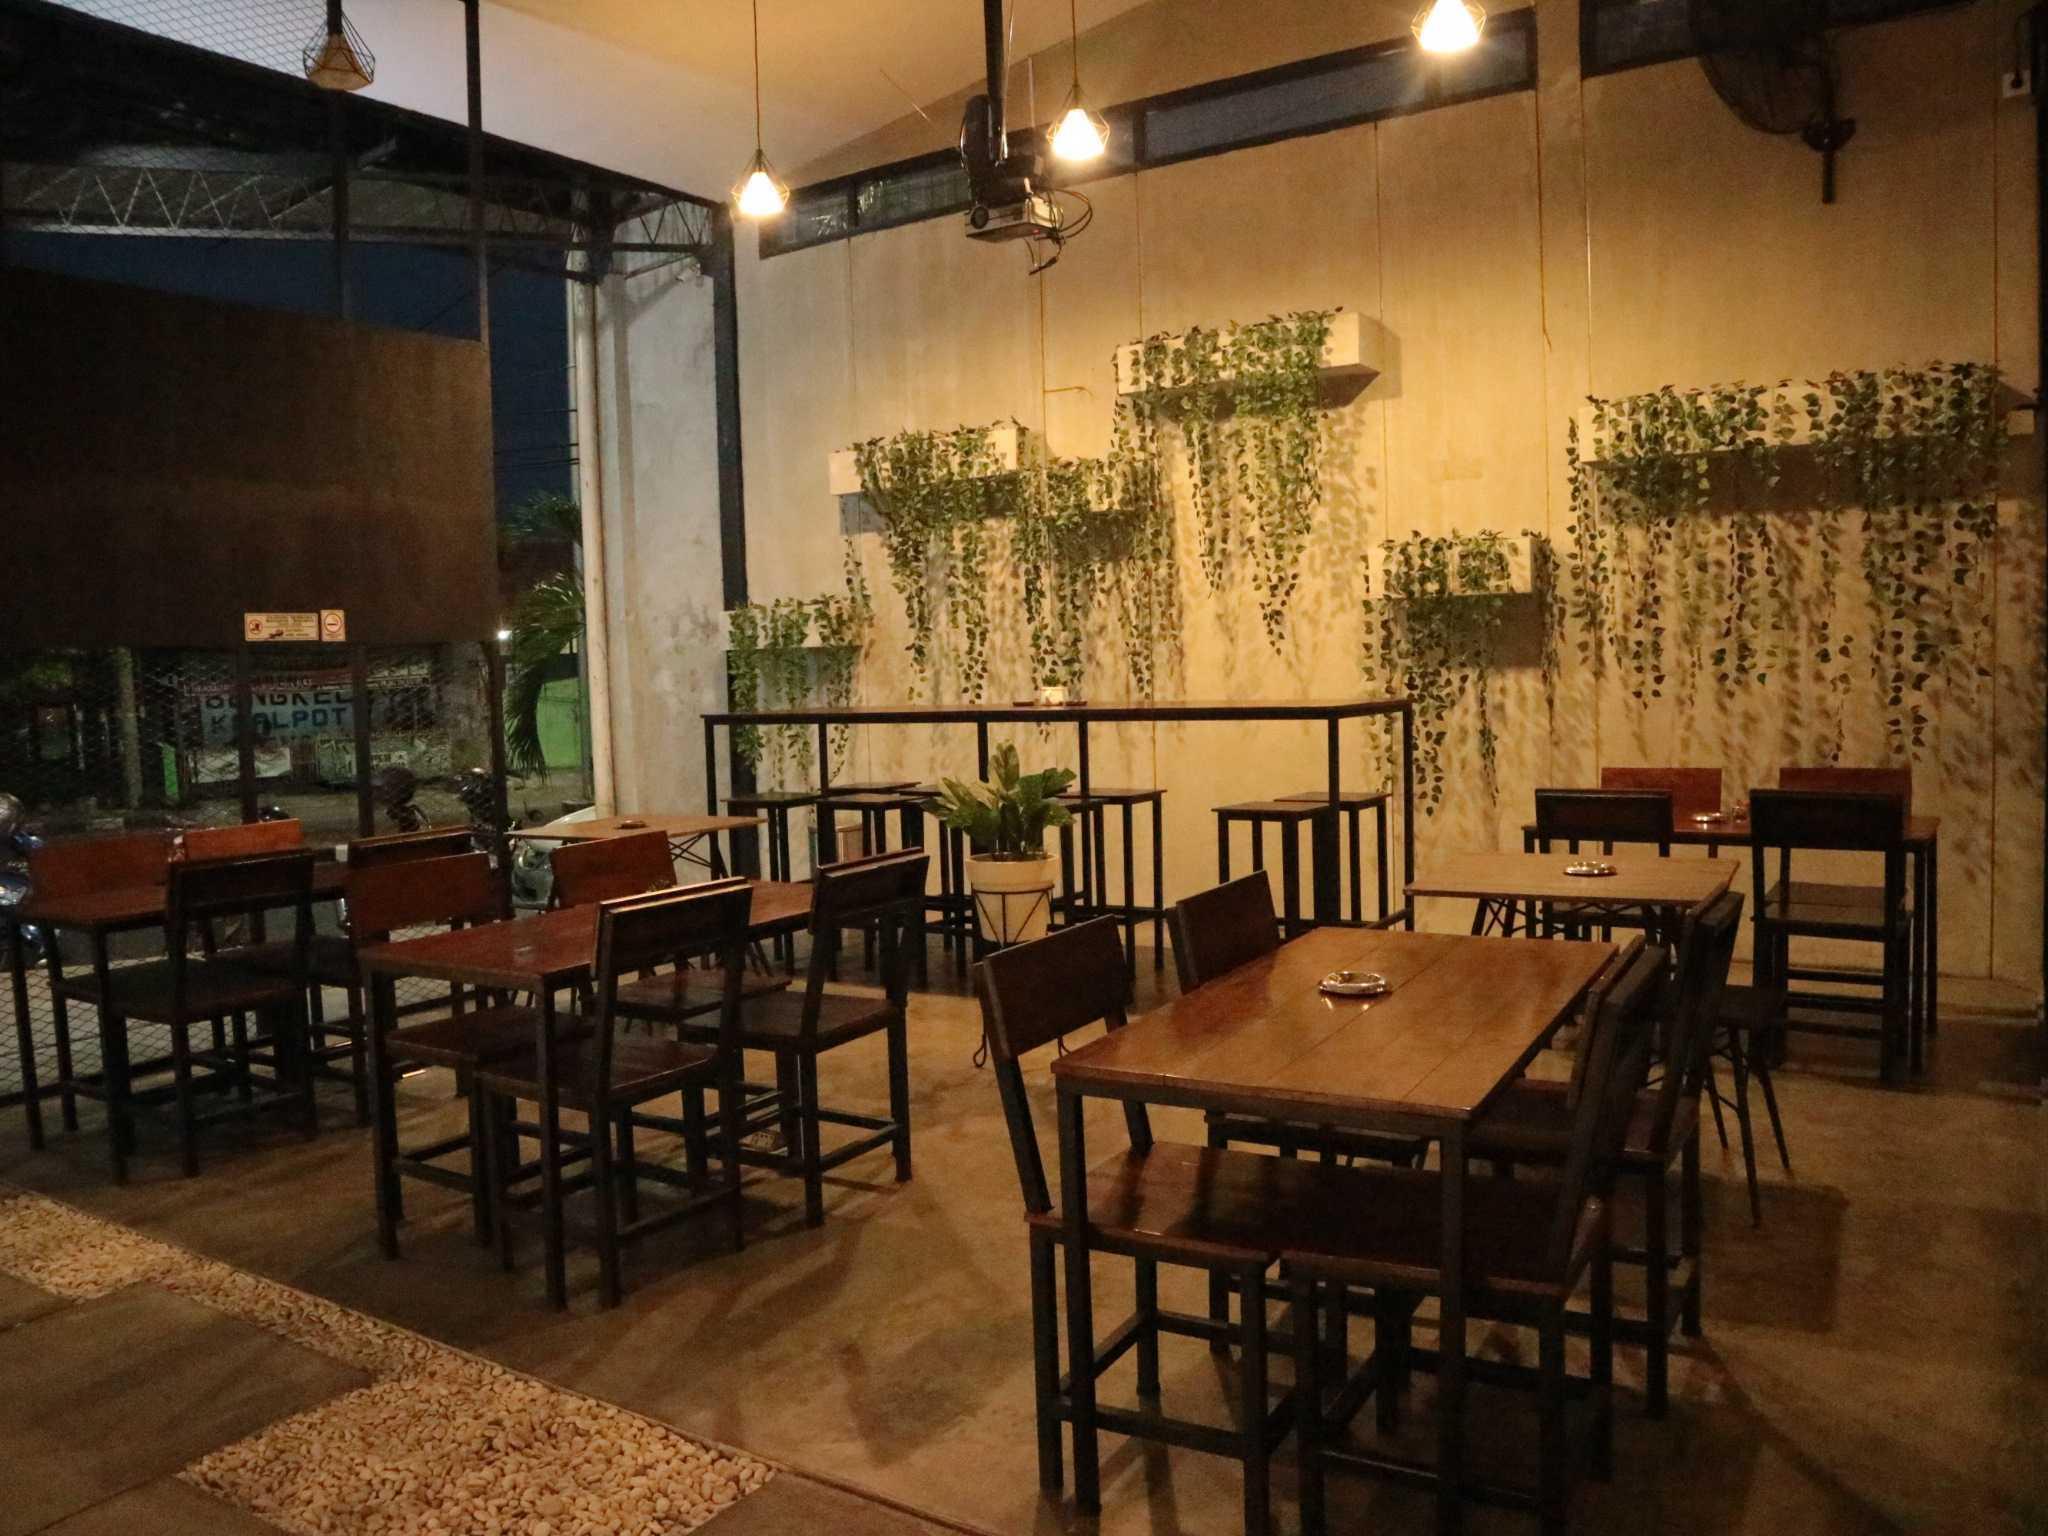 Fau Architects Athaya Coffee Pedurungan, Kota Semarang, Jawa Tengah, Indonesia Pedurungan, Kota Semarang, Jawa Tengah, Indonesia Outdoor Athaya Coffee (Smoking Area) Industrial  63395